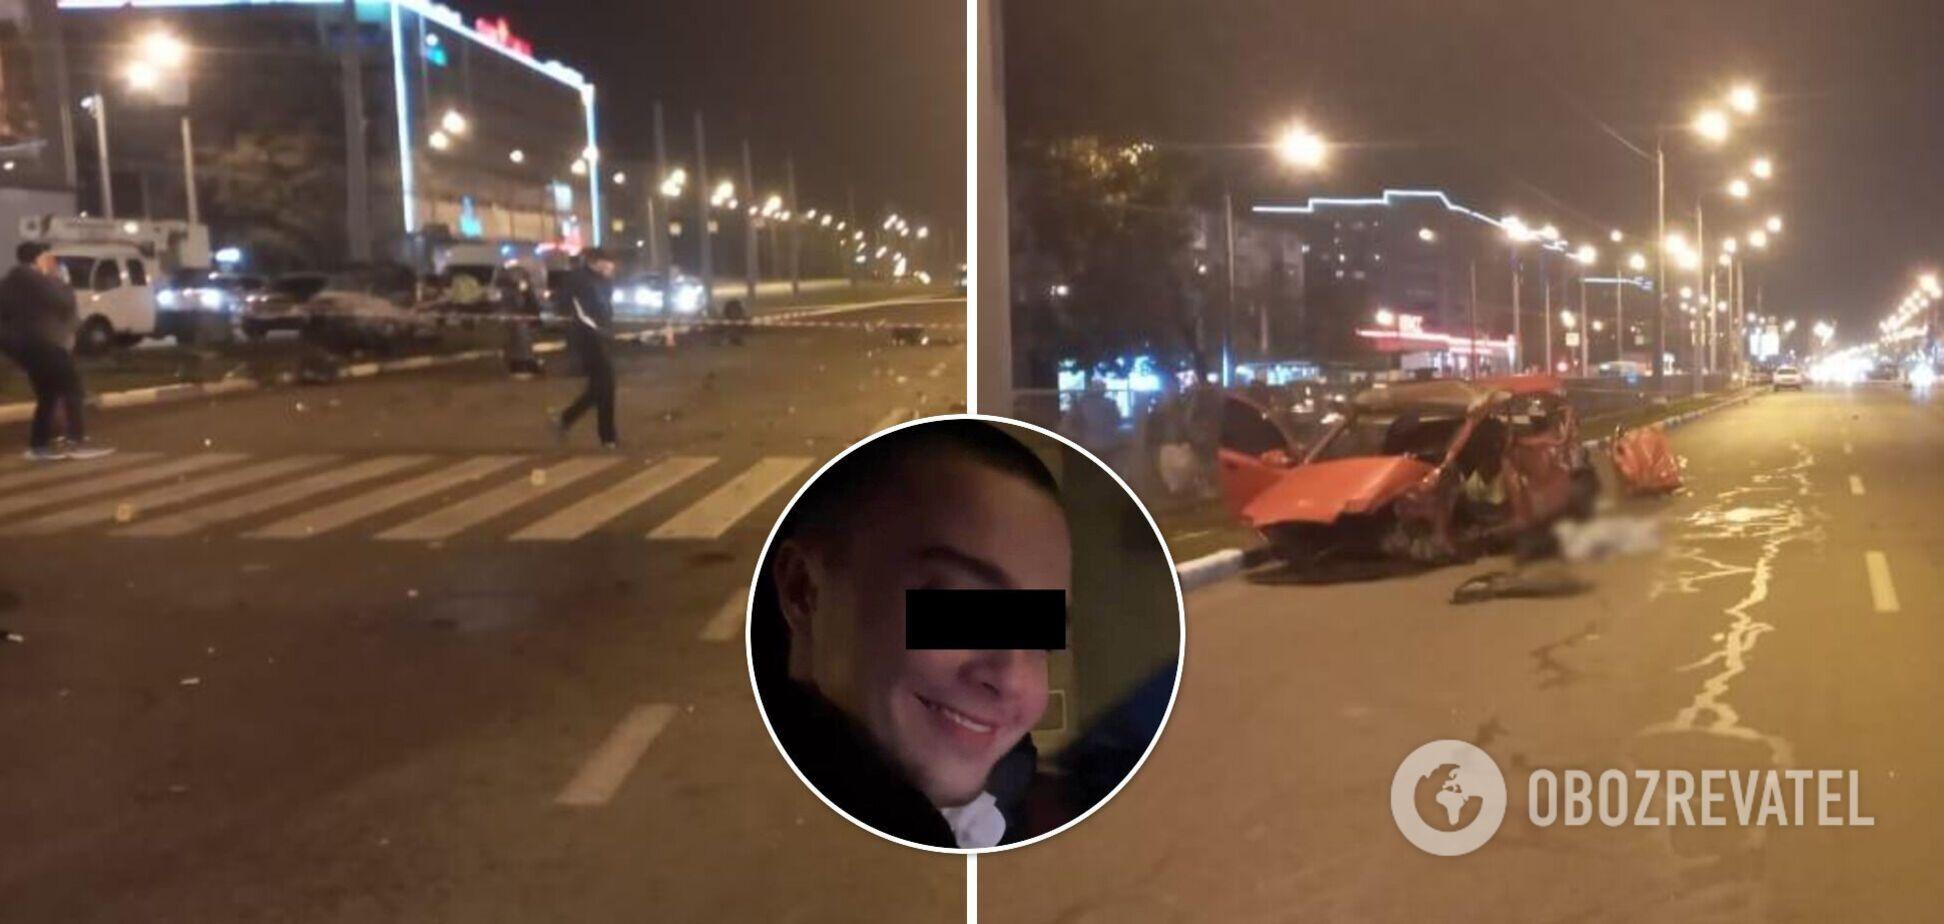 Стало известно имя водителя, устроившего смертельное ДТП в Харькове, и всех пассажиров. Эксклюзив